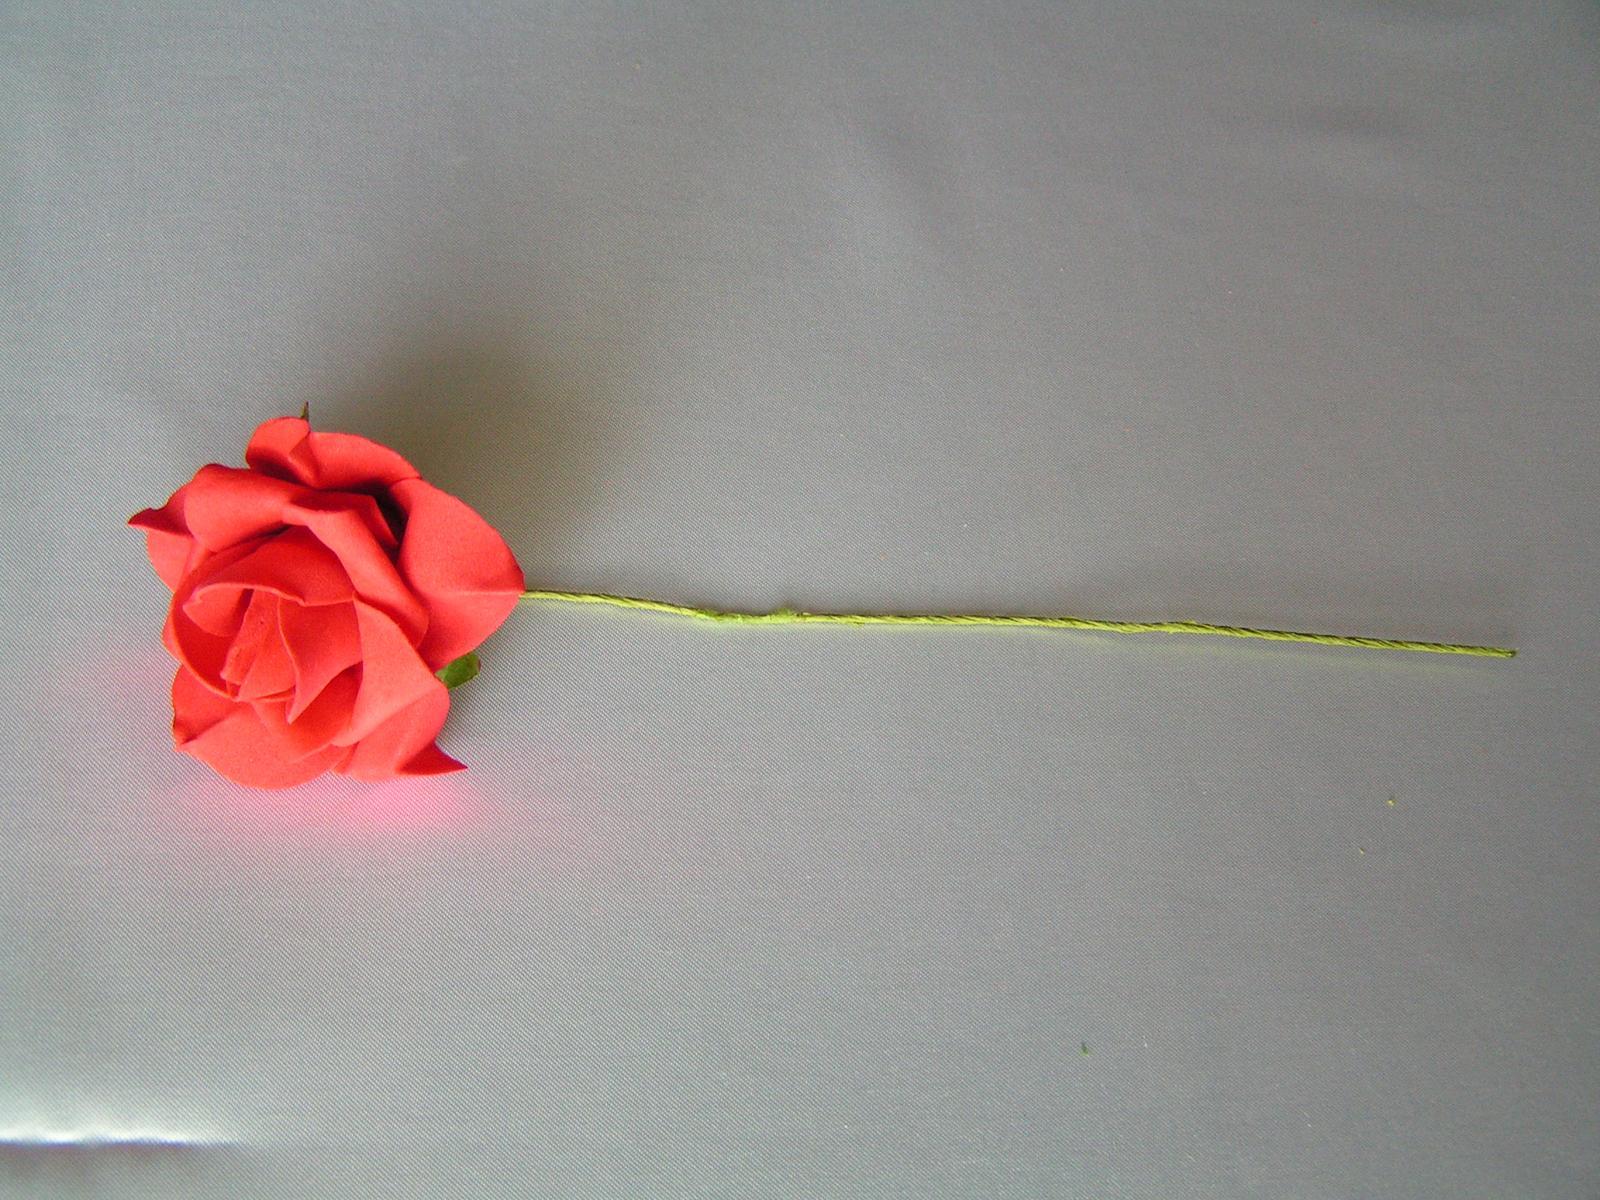 Červené pěnové růže - 8 cm - Obrázek č. 1